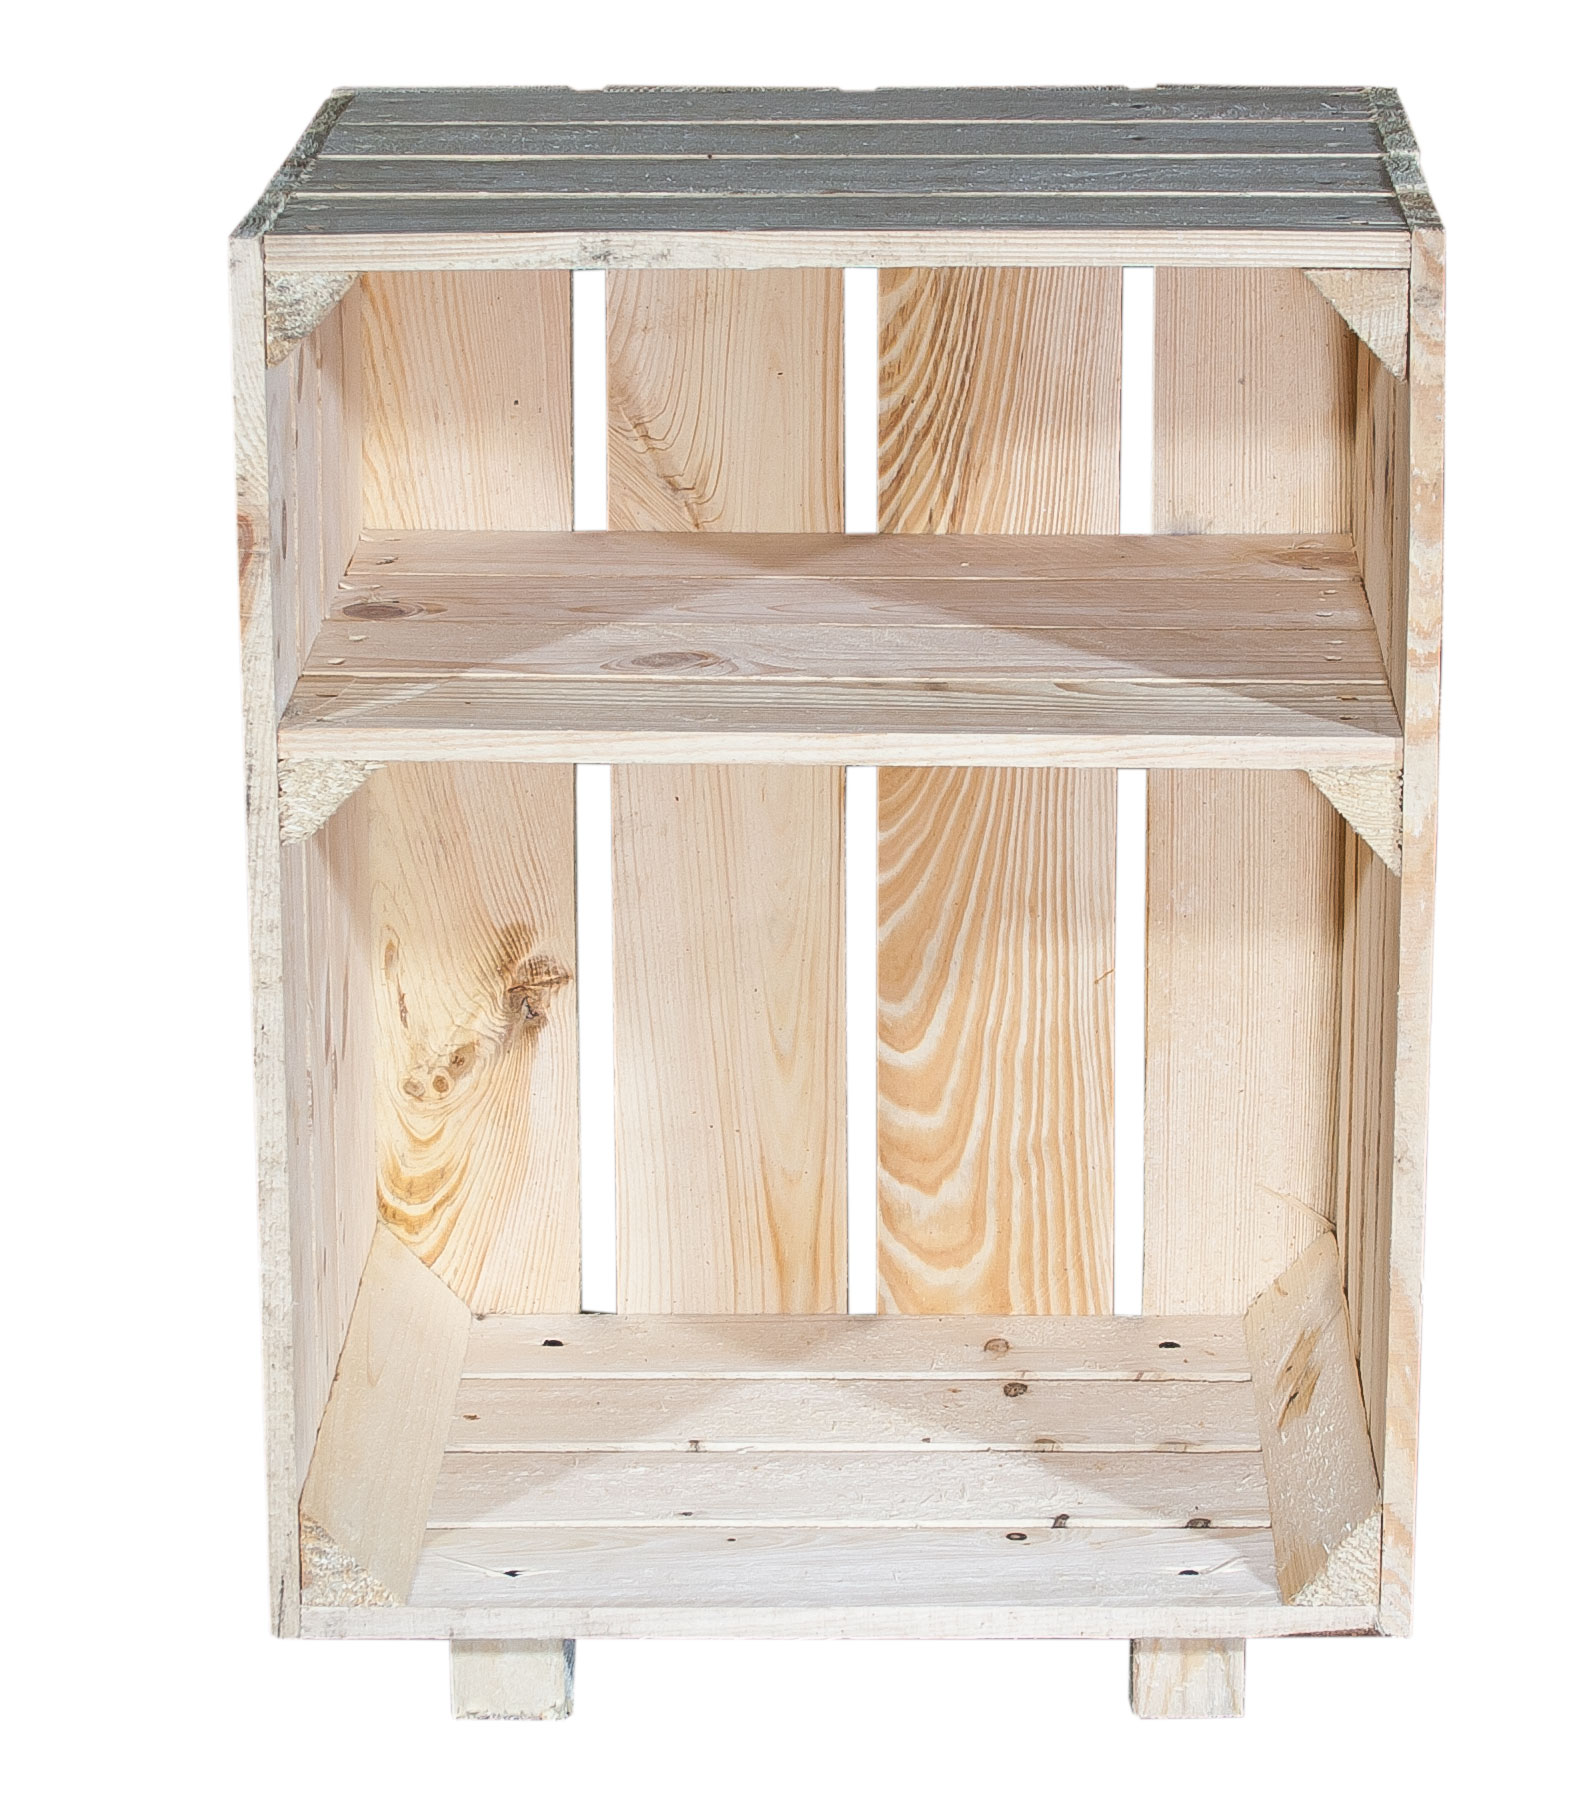 m bel nachttisch mit boden natur 30 5x40x54cm. Black Bedroom Furniture Sets. Home Design Ideas